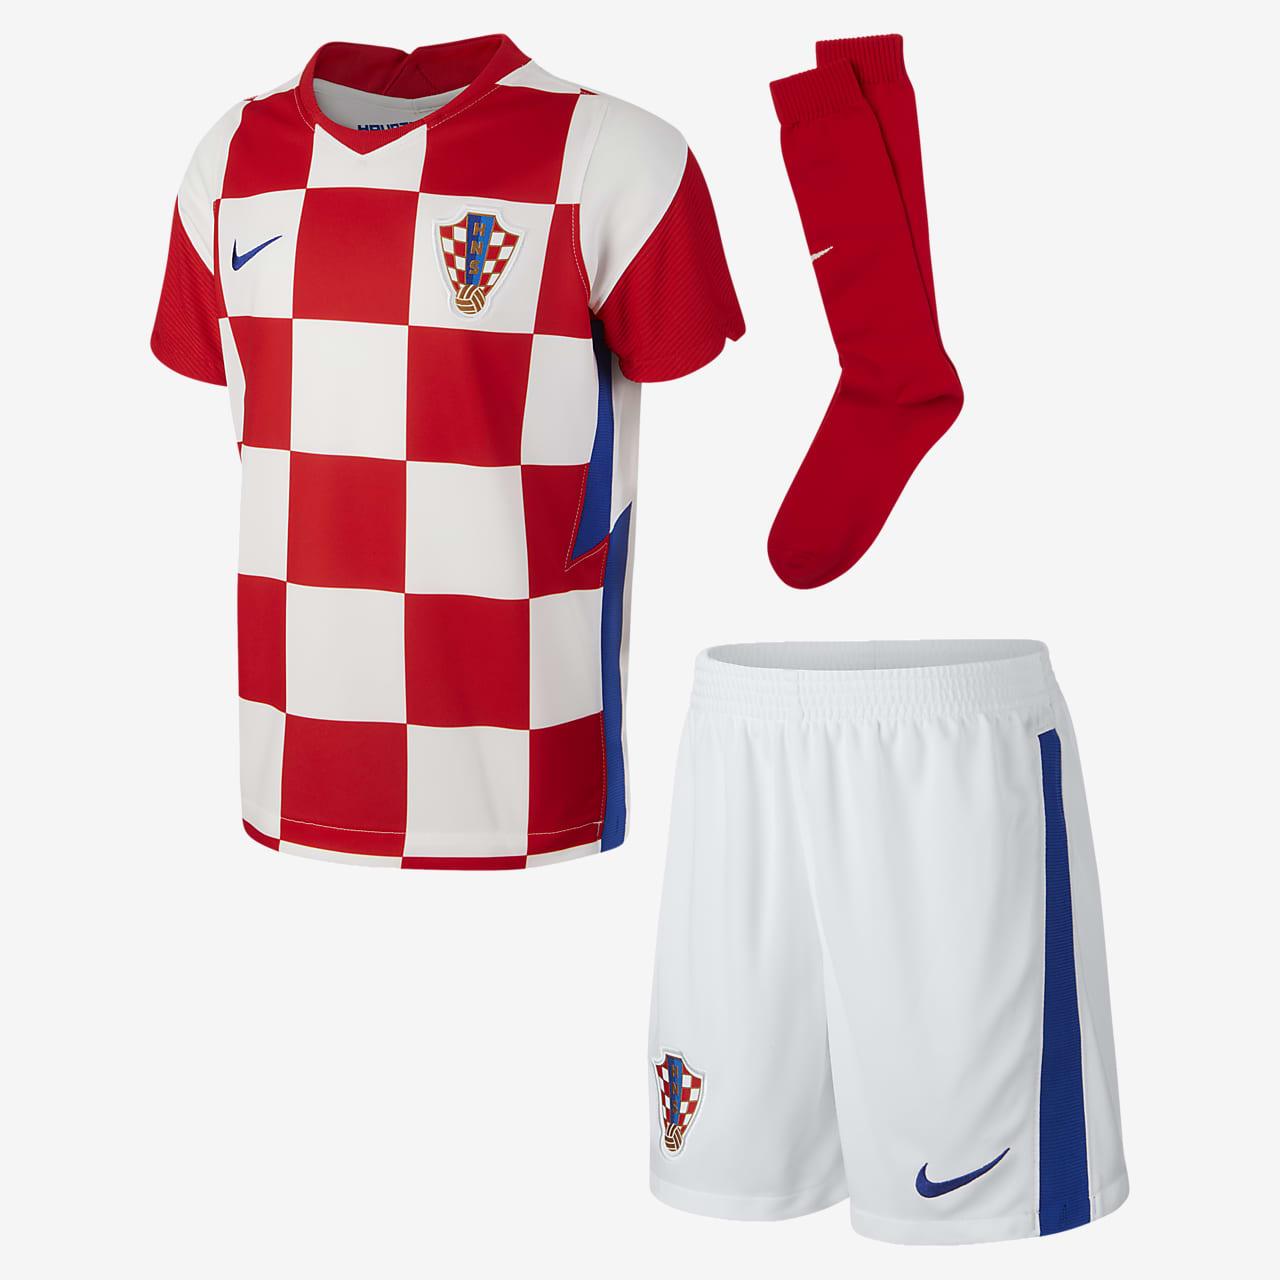 Футбольный комплект для дошкольников с символикой домашней формы сборной Хорватии 2020